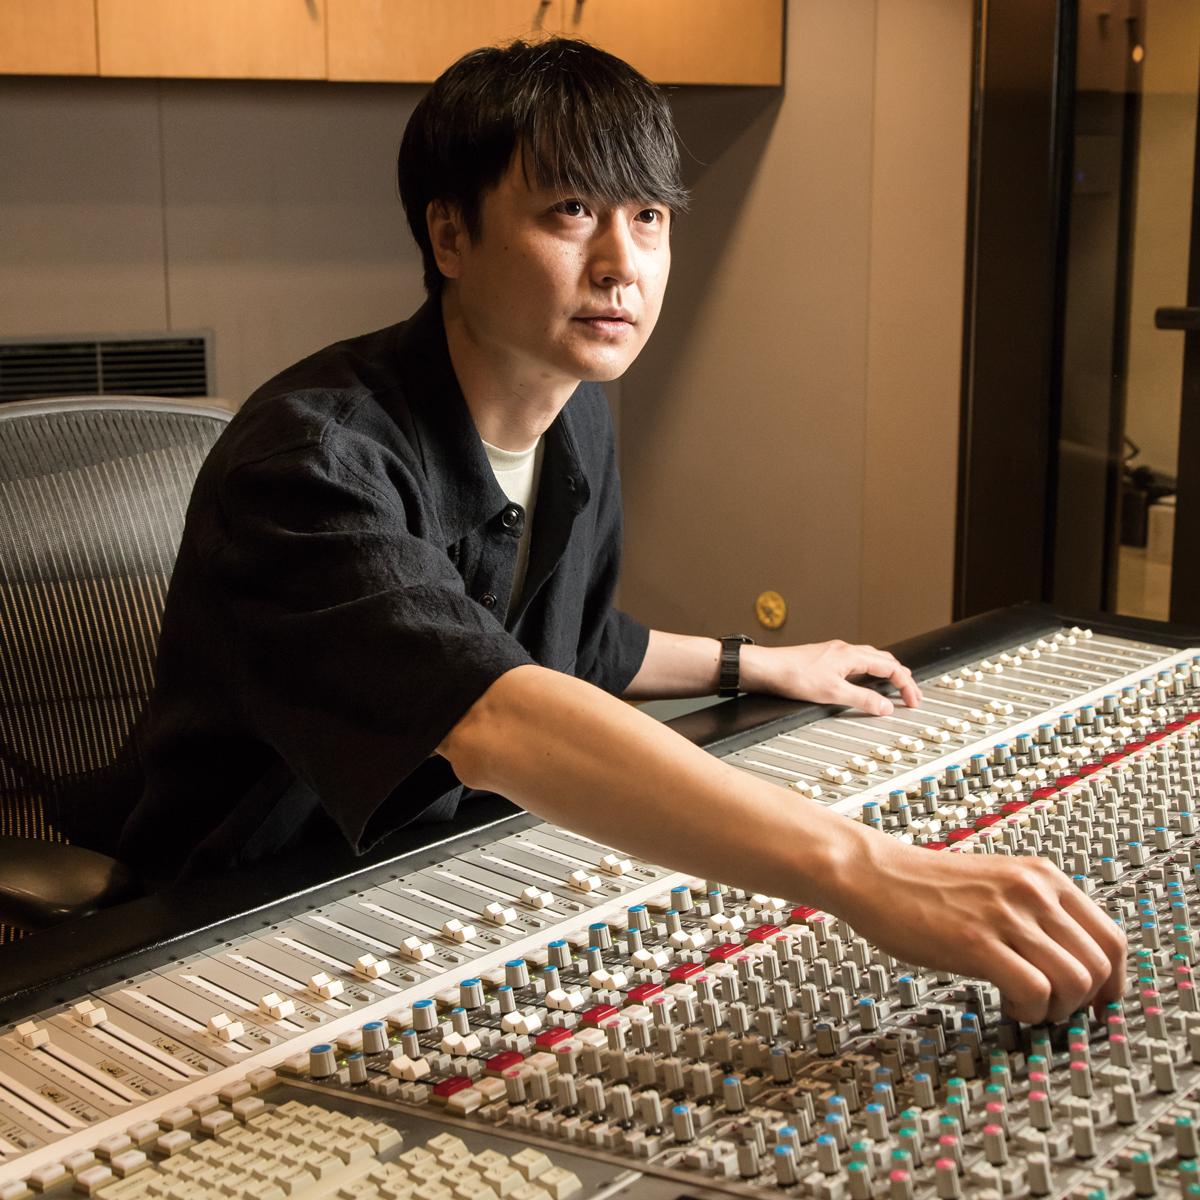 青葉台スタジオのチーフエンジニア、浦本雅史がAurora(n)を試した